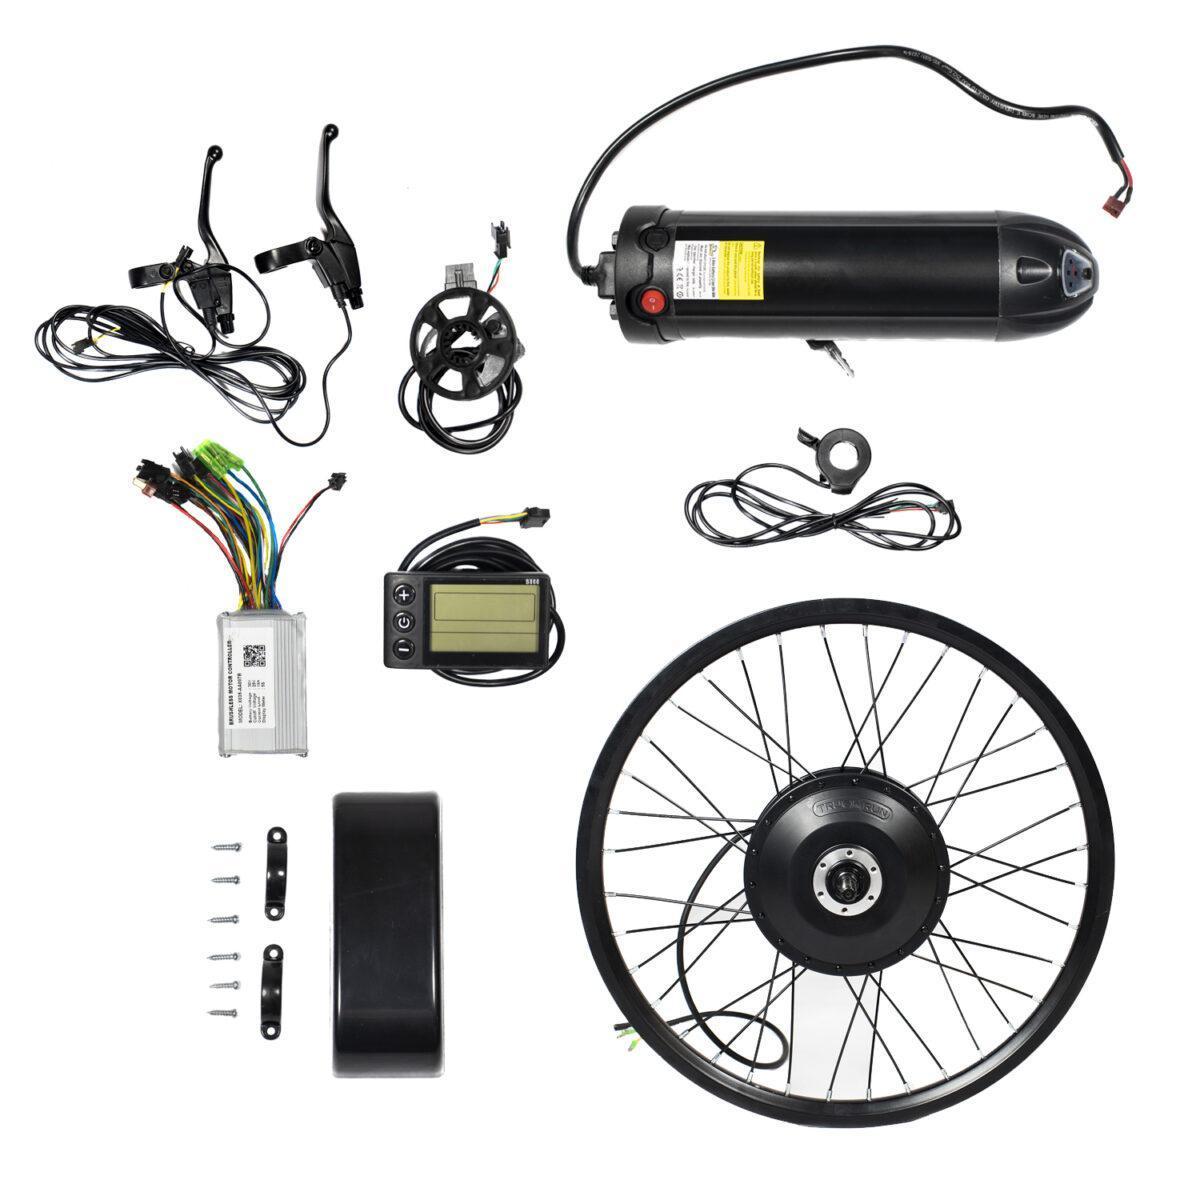 Kit Elétrico Bicicleta 350w Bateria Lítio 36v Two Dogs c/ Computador de Bordo - 2022